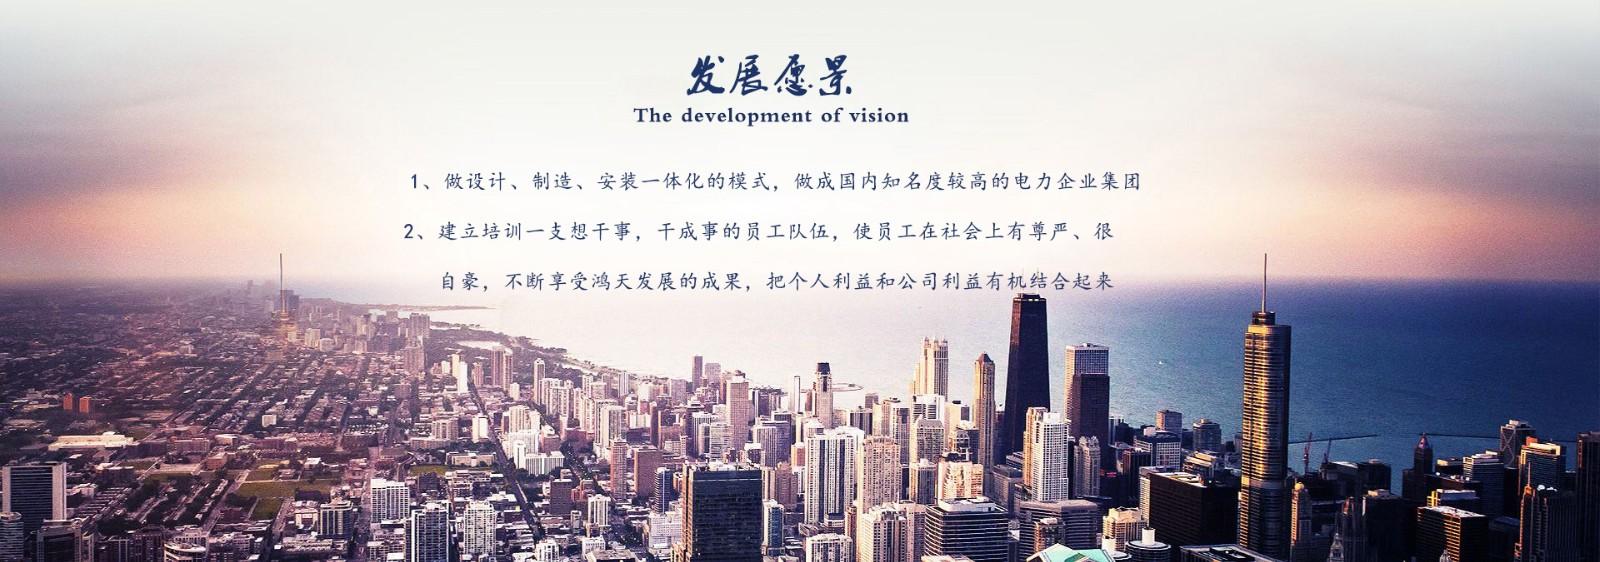 沈阳10kva线路改造企业文化